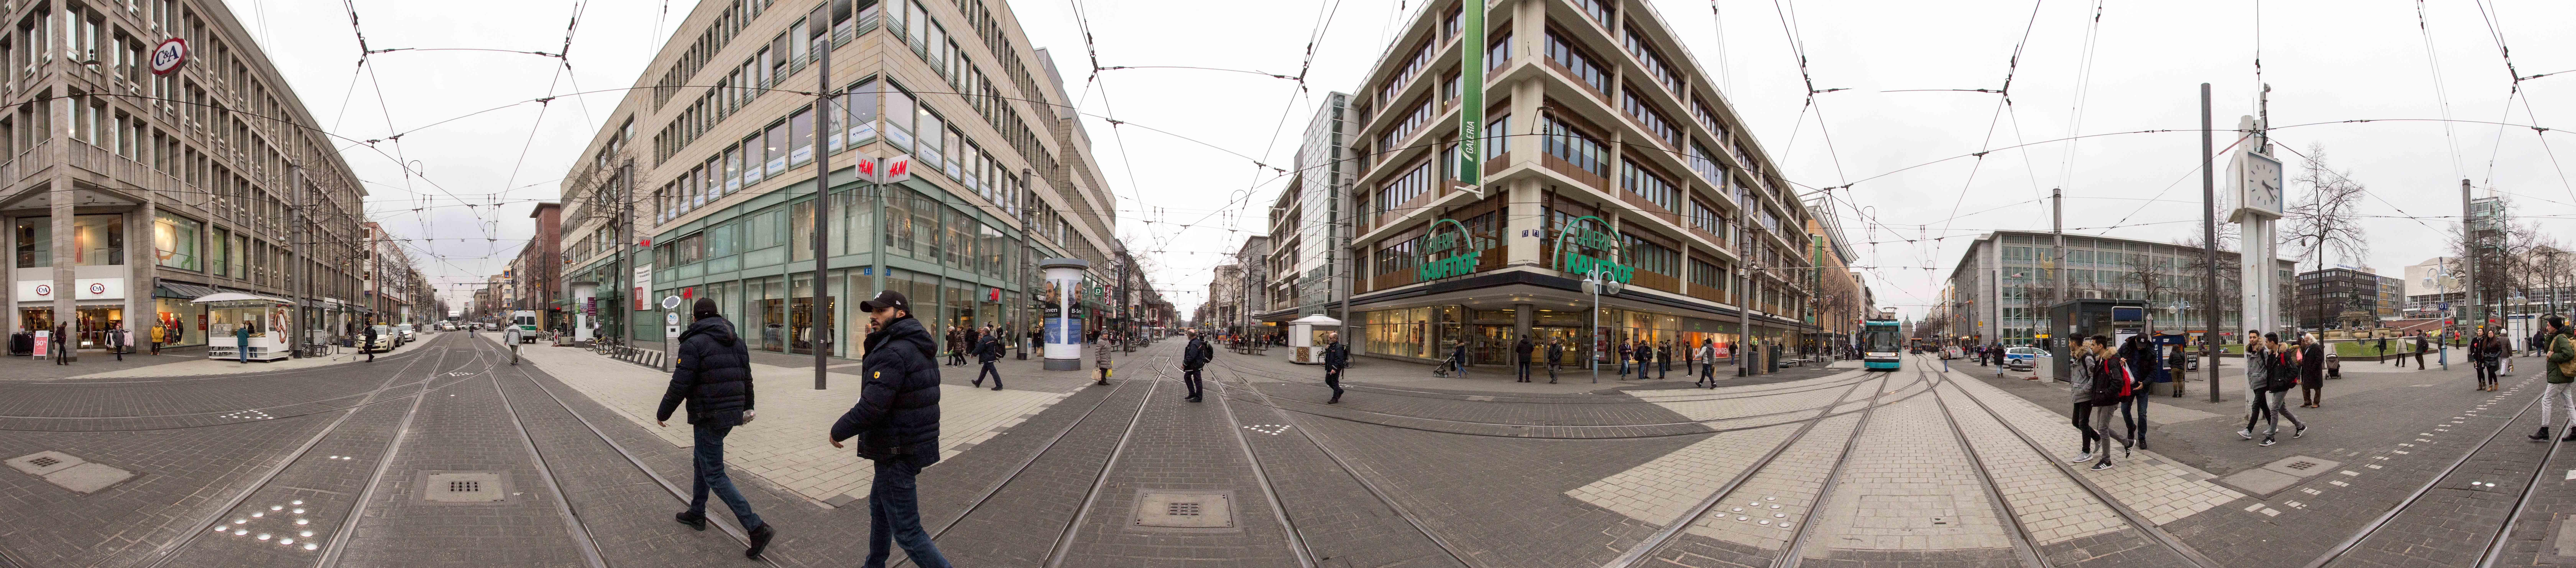 Architektur und Zentrum Mannheim_32